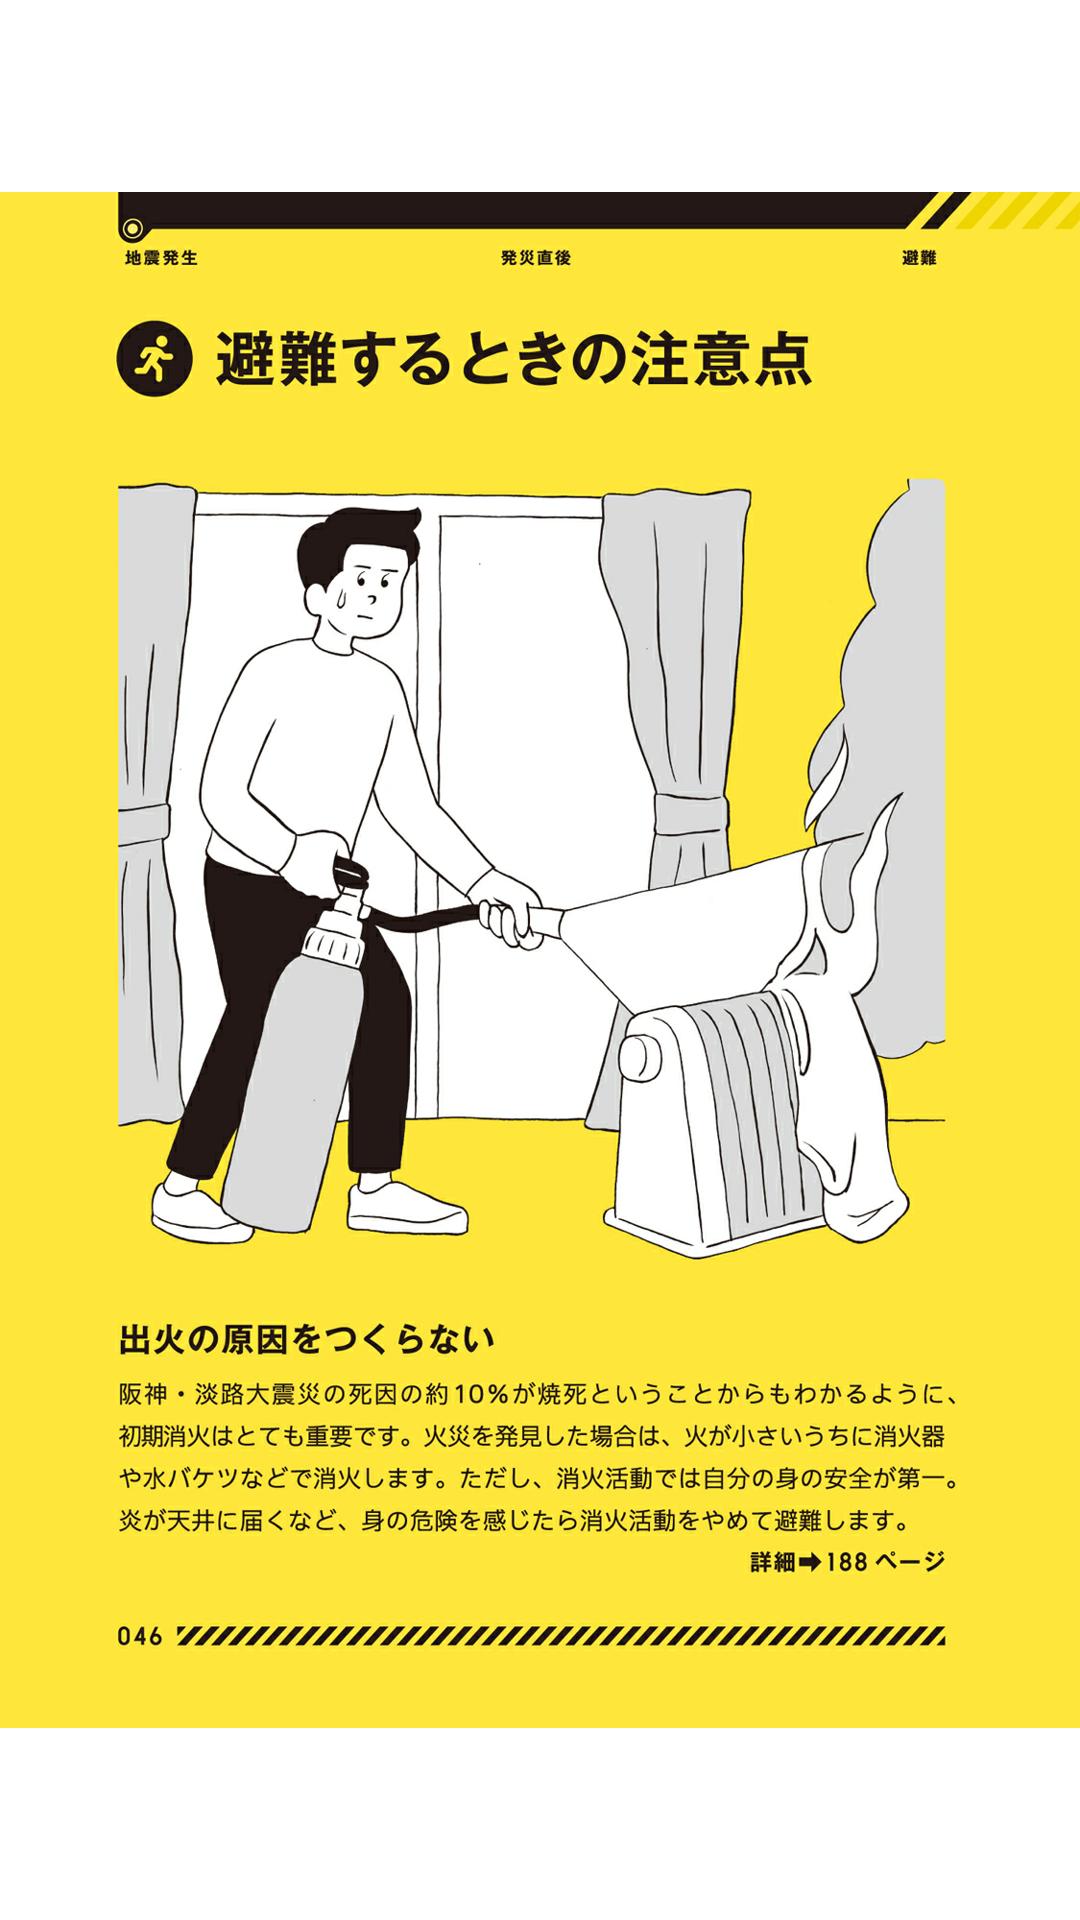 tokyo_bousai_2